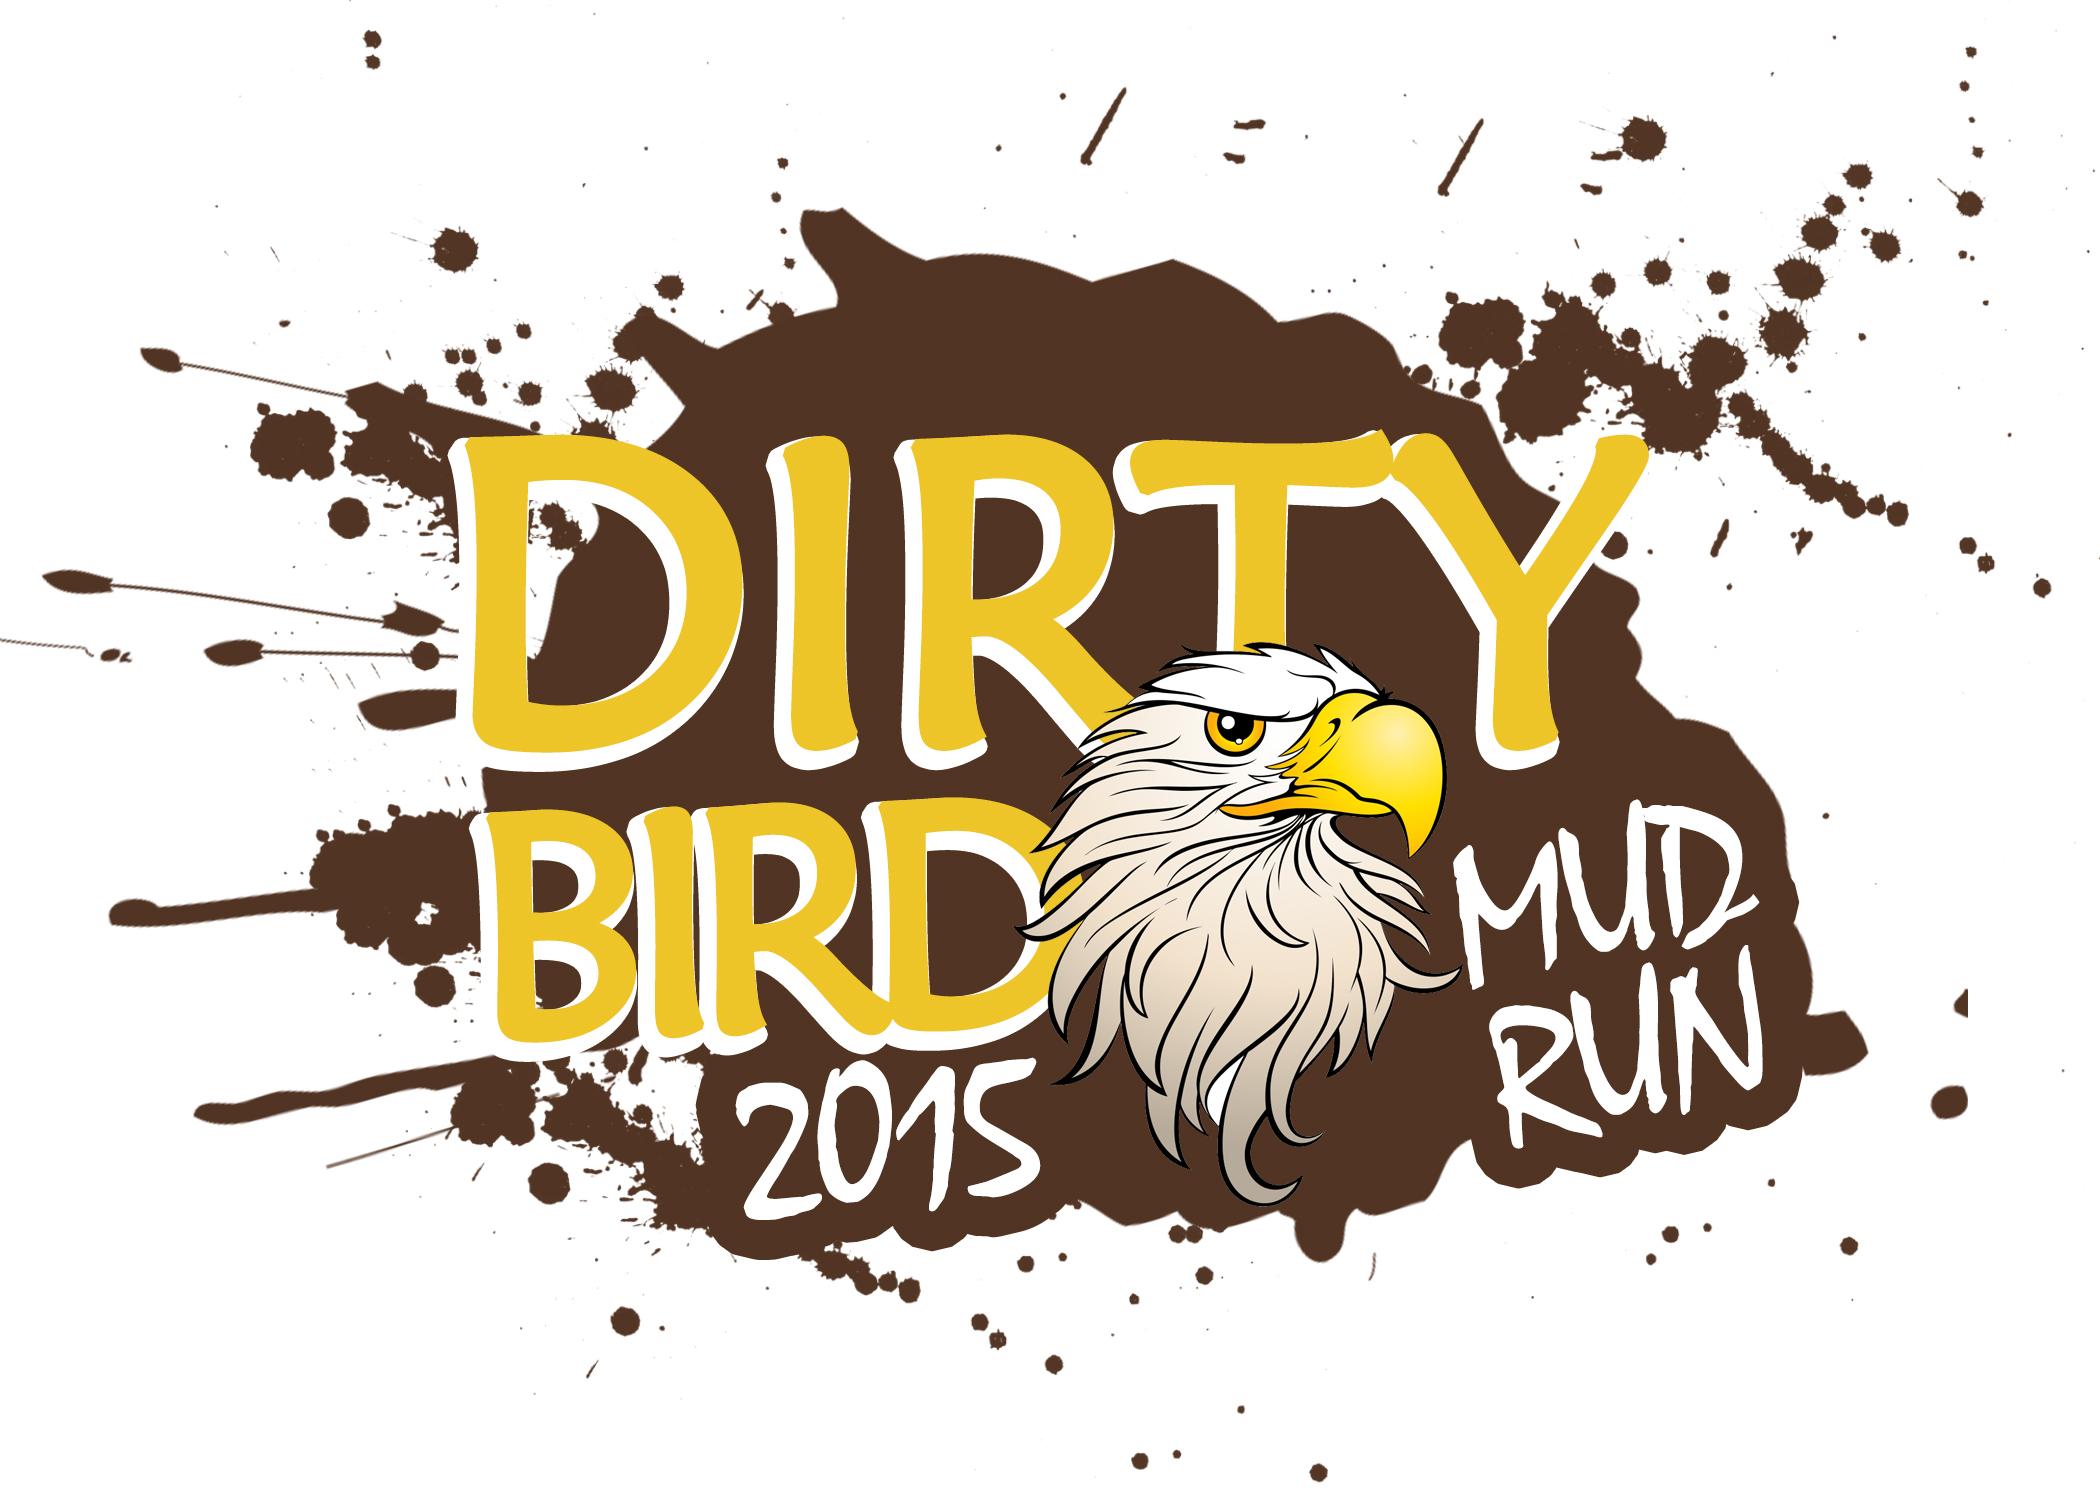 Dirty Bird Run